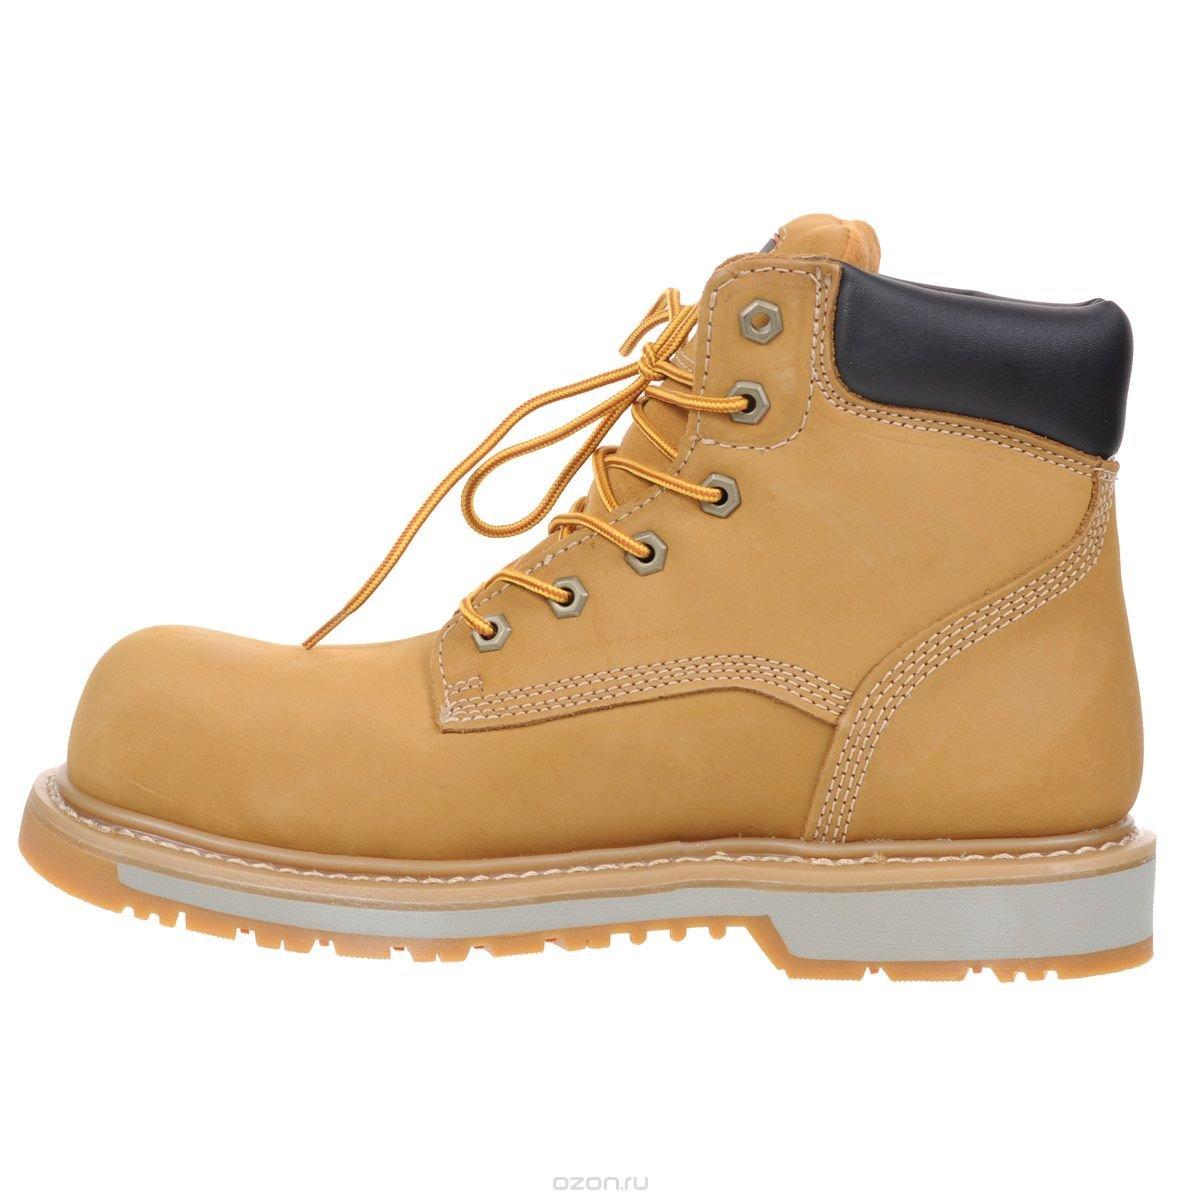 KAPRIOL zapato Extreme Highlander de seguridad de alta clase SB-P HRO SRA: Amazon.es: Zapatos y complementos